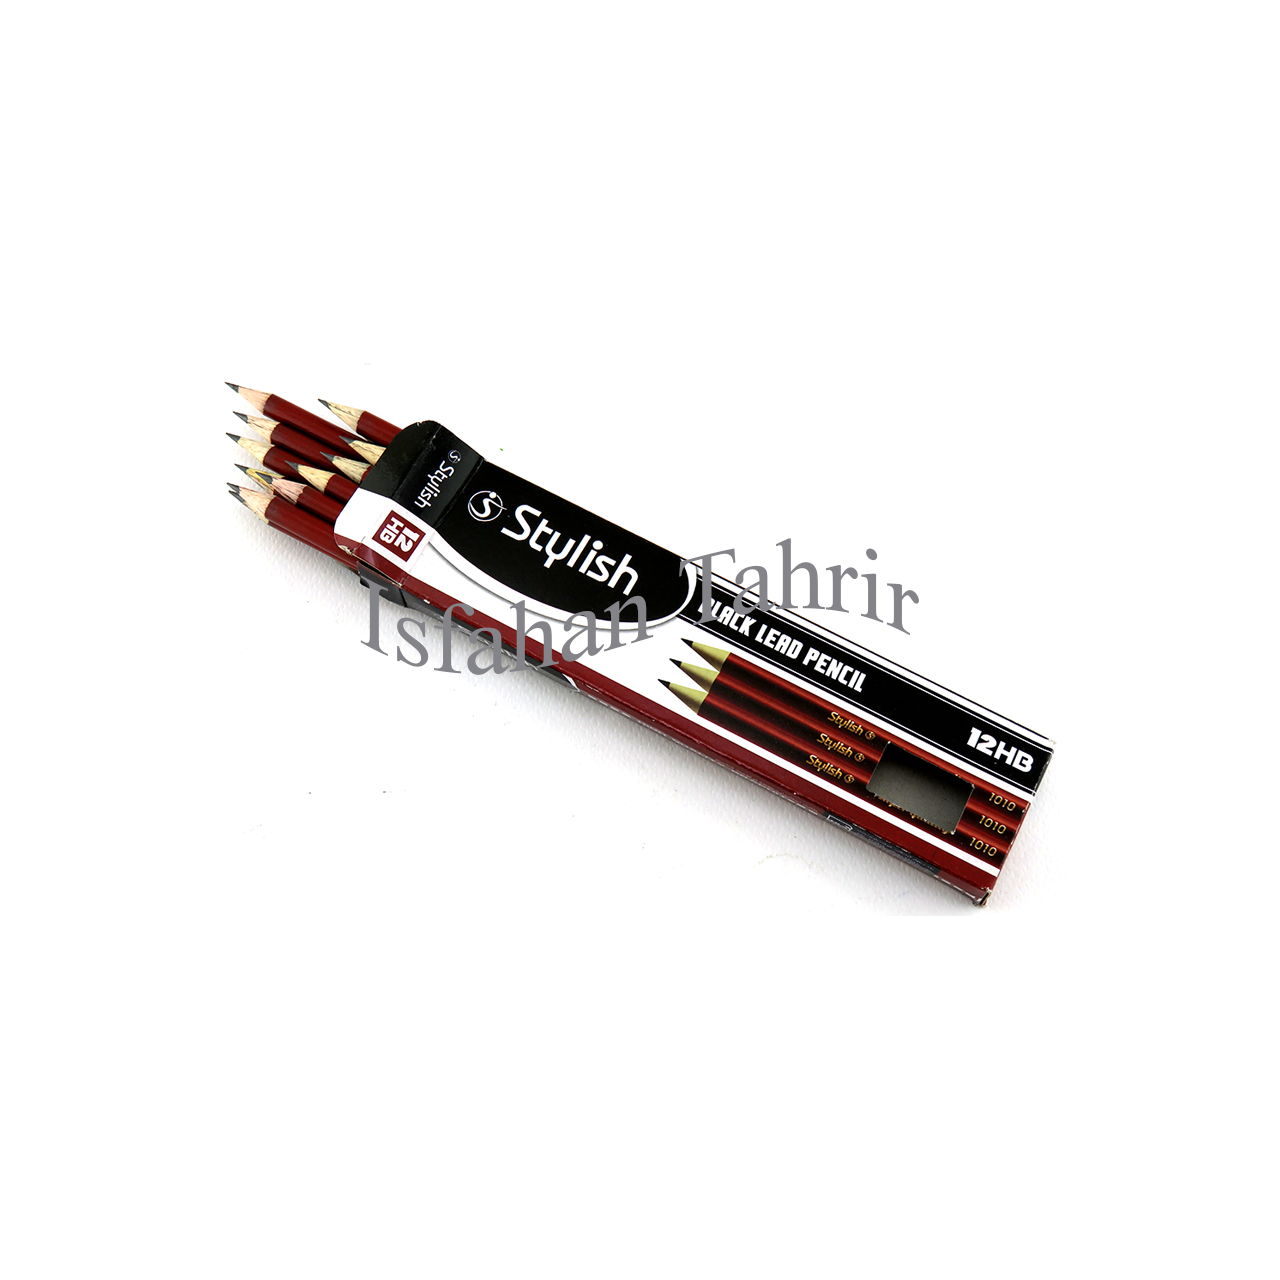 مداد مشکی استایلیش (Stylish)